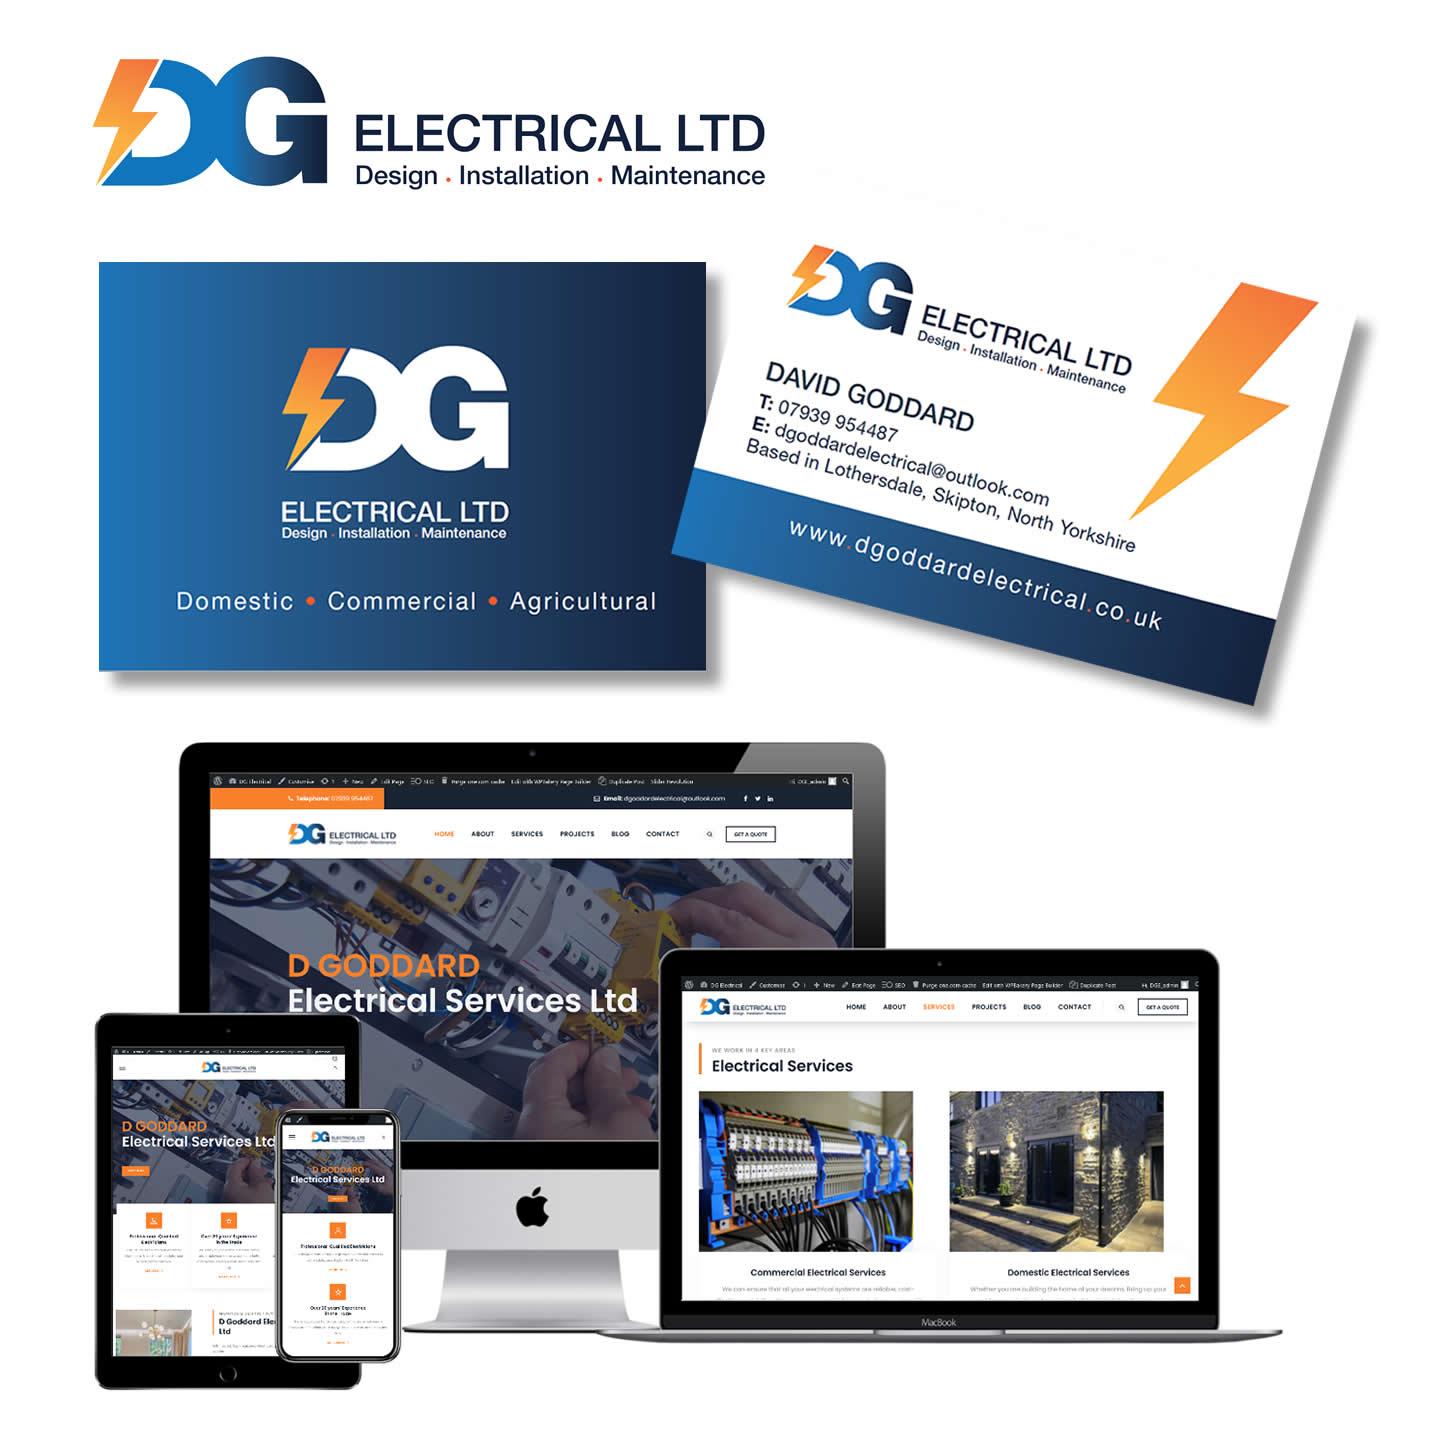 dg electrical logo design and website design